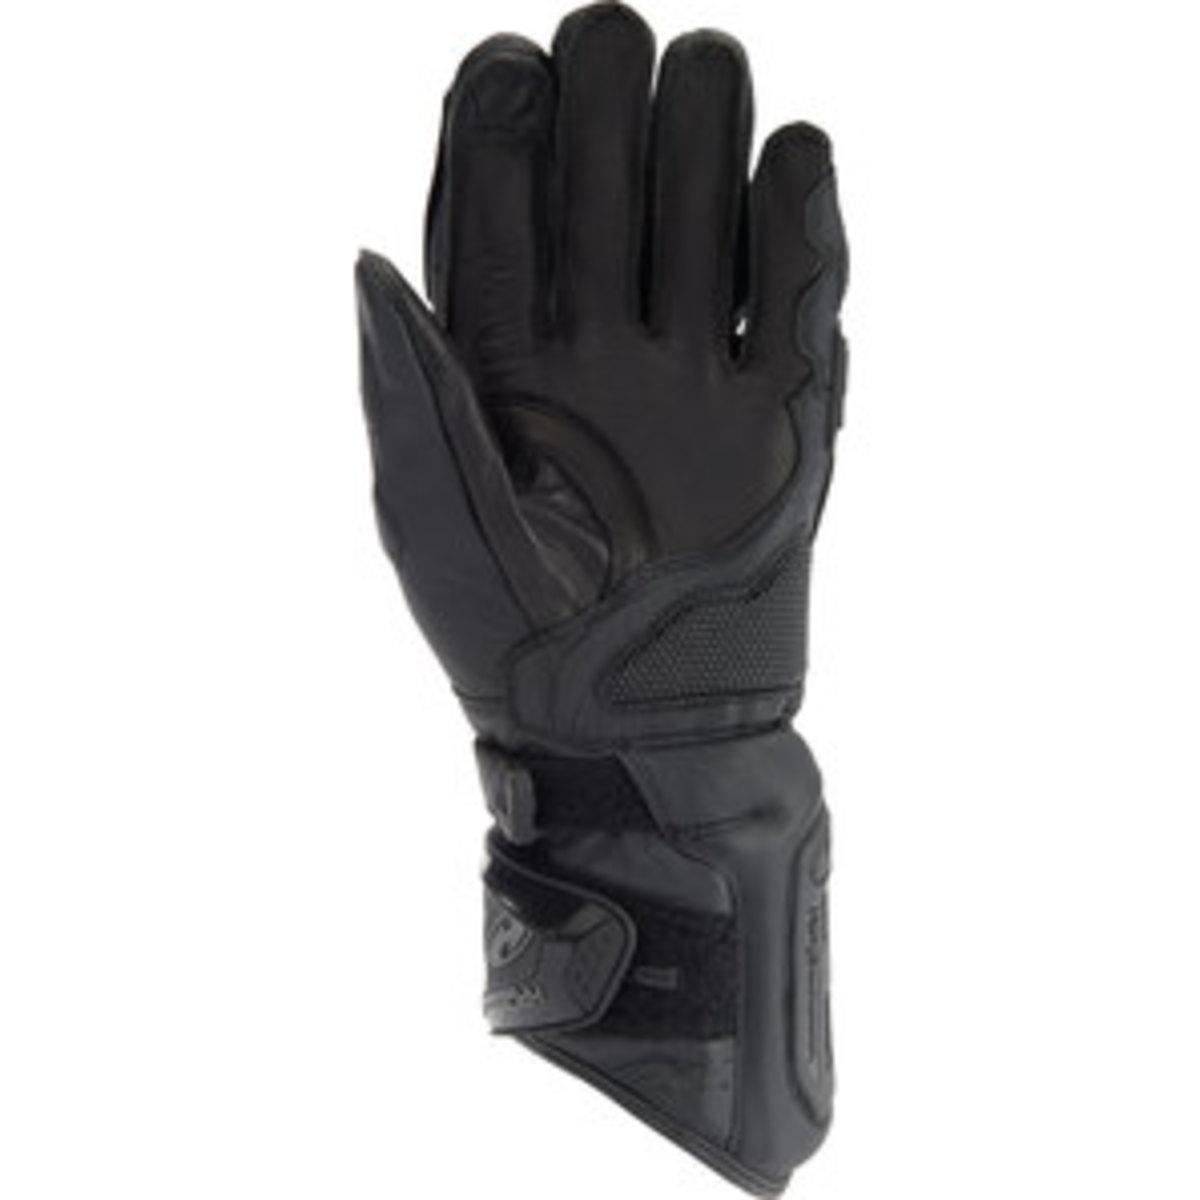 Bild 4 von Held 2823 Chikara        Handschuhe